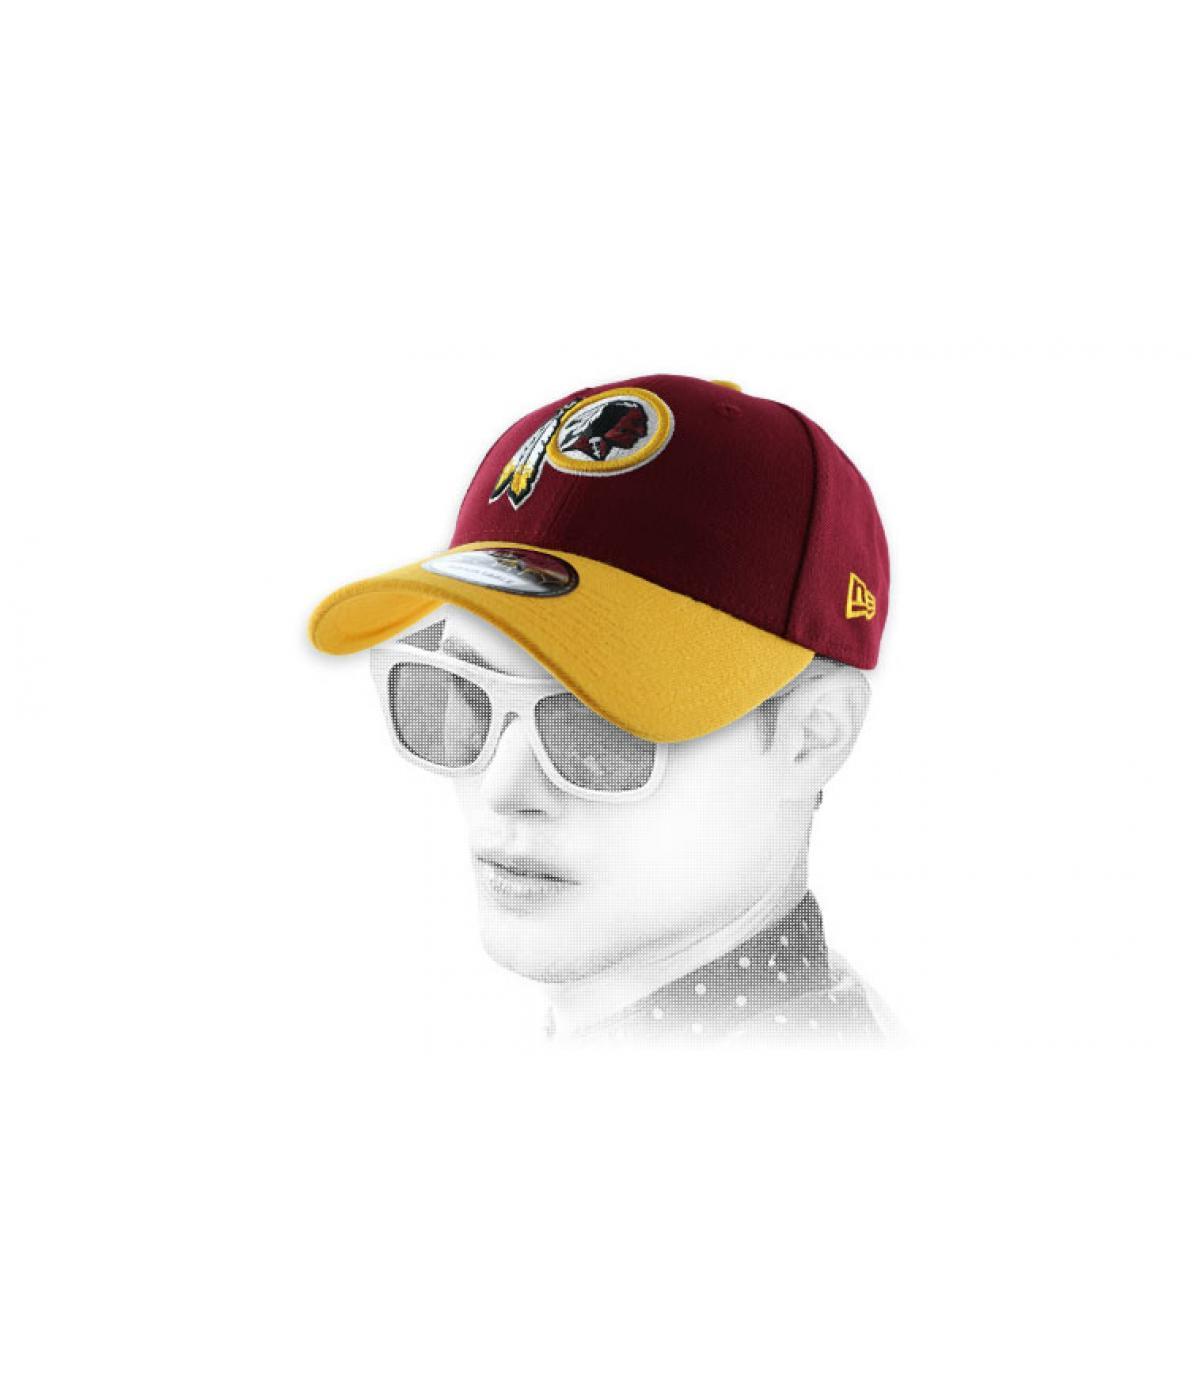 2666346ec74 Gelb rote Redskins Curved Cap